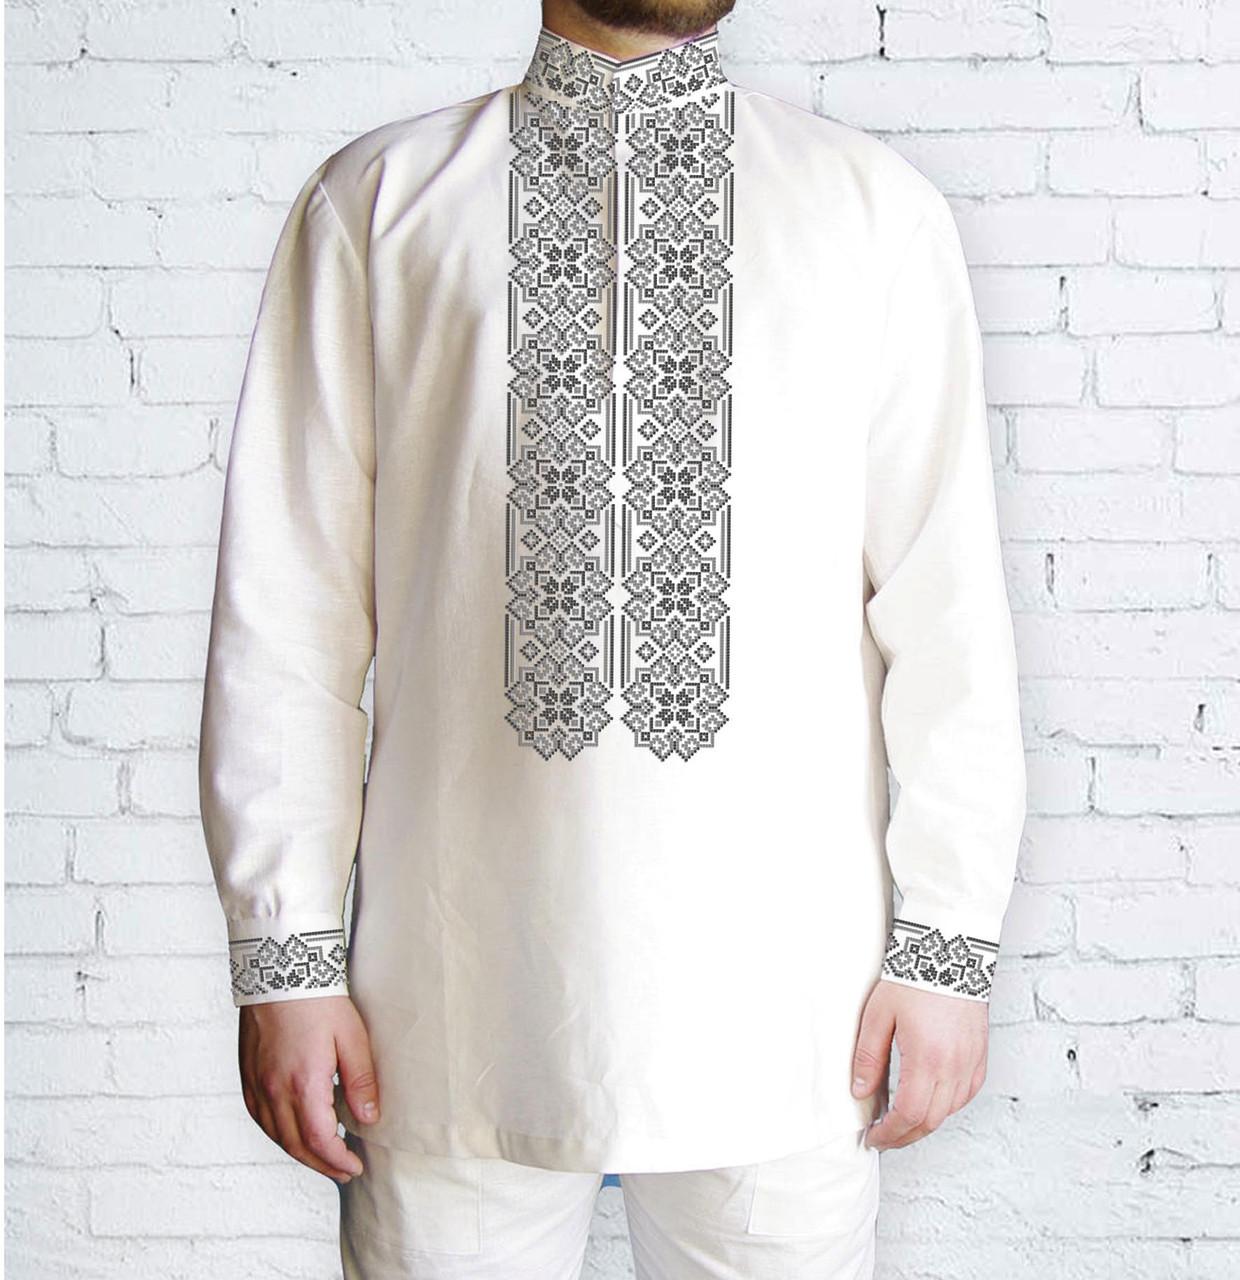 Заготовка чоловічої сорочки та вишиванки для вишивки чи вишивання бісером Бисерок «Орнамент 531 С » Домоткан  (білий) (Ч-531 С ДМБ)